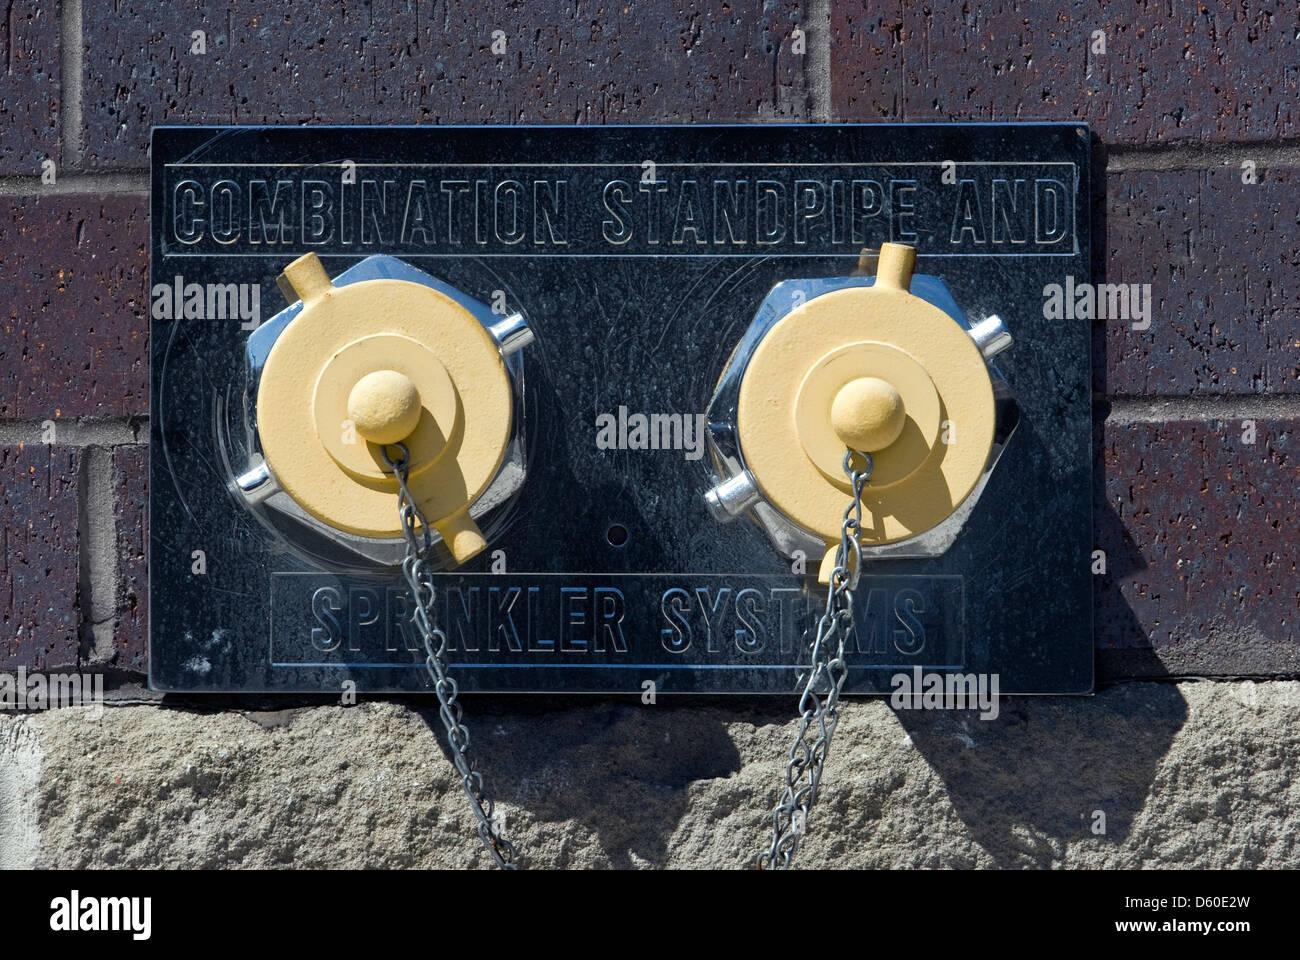 Wasseranschluss für die Feuerwehr, Kombination Standrohr und Sprinkleranlagen, USA, PublicGround Stockbild